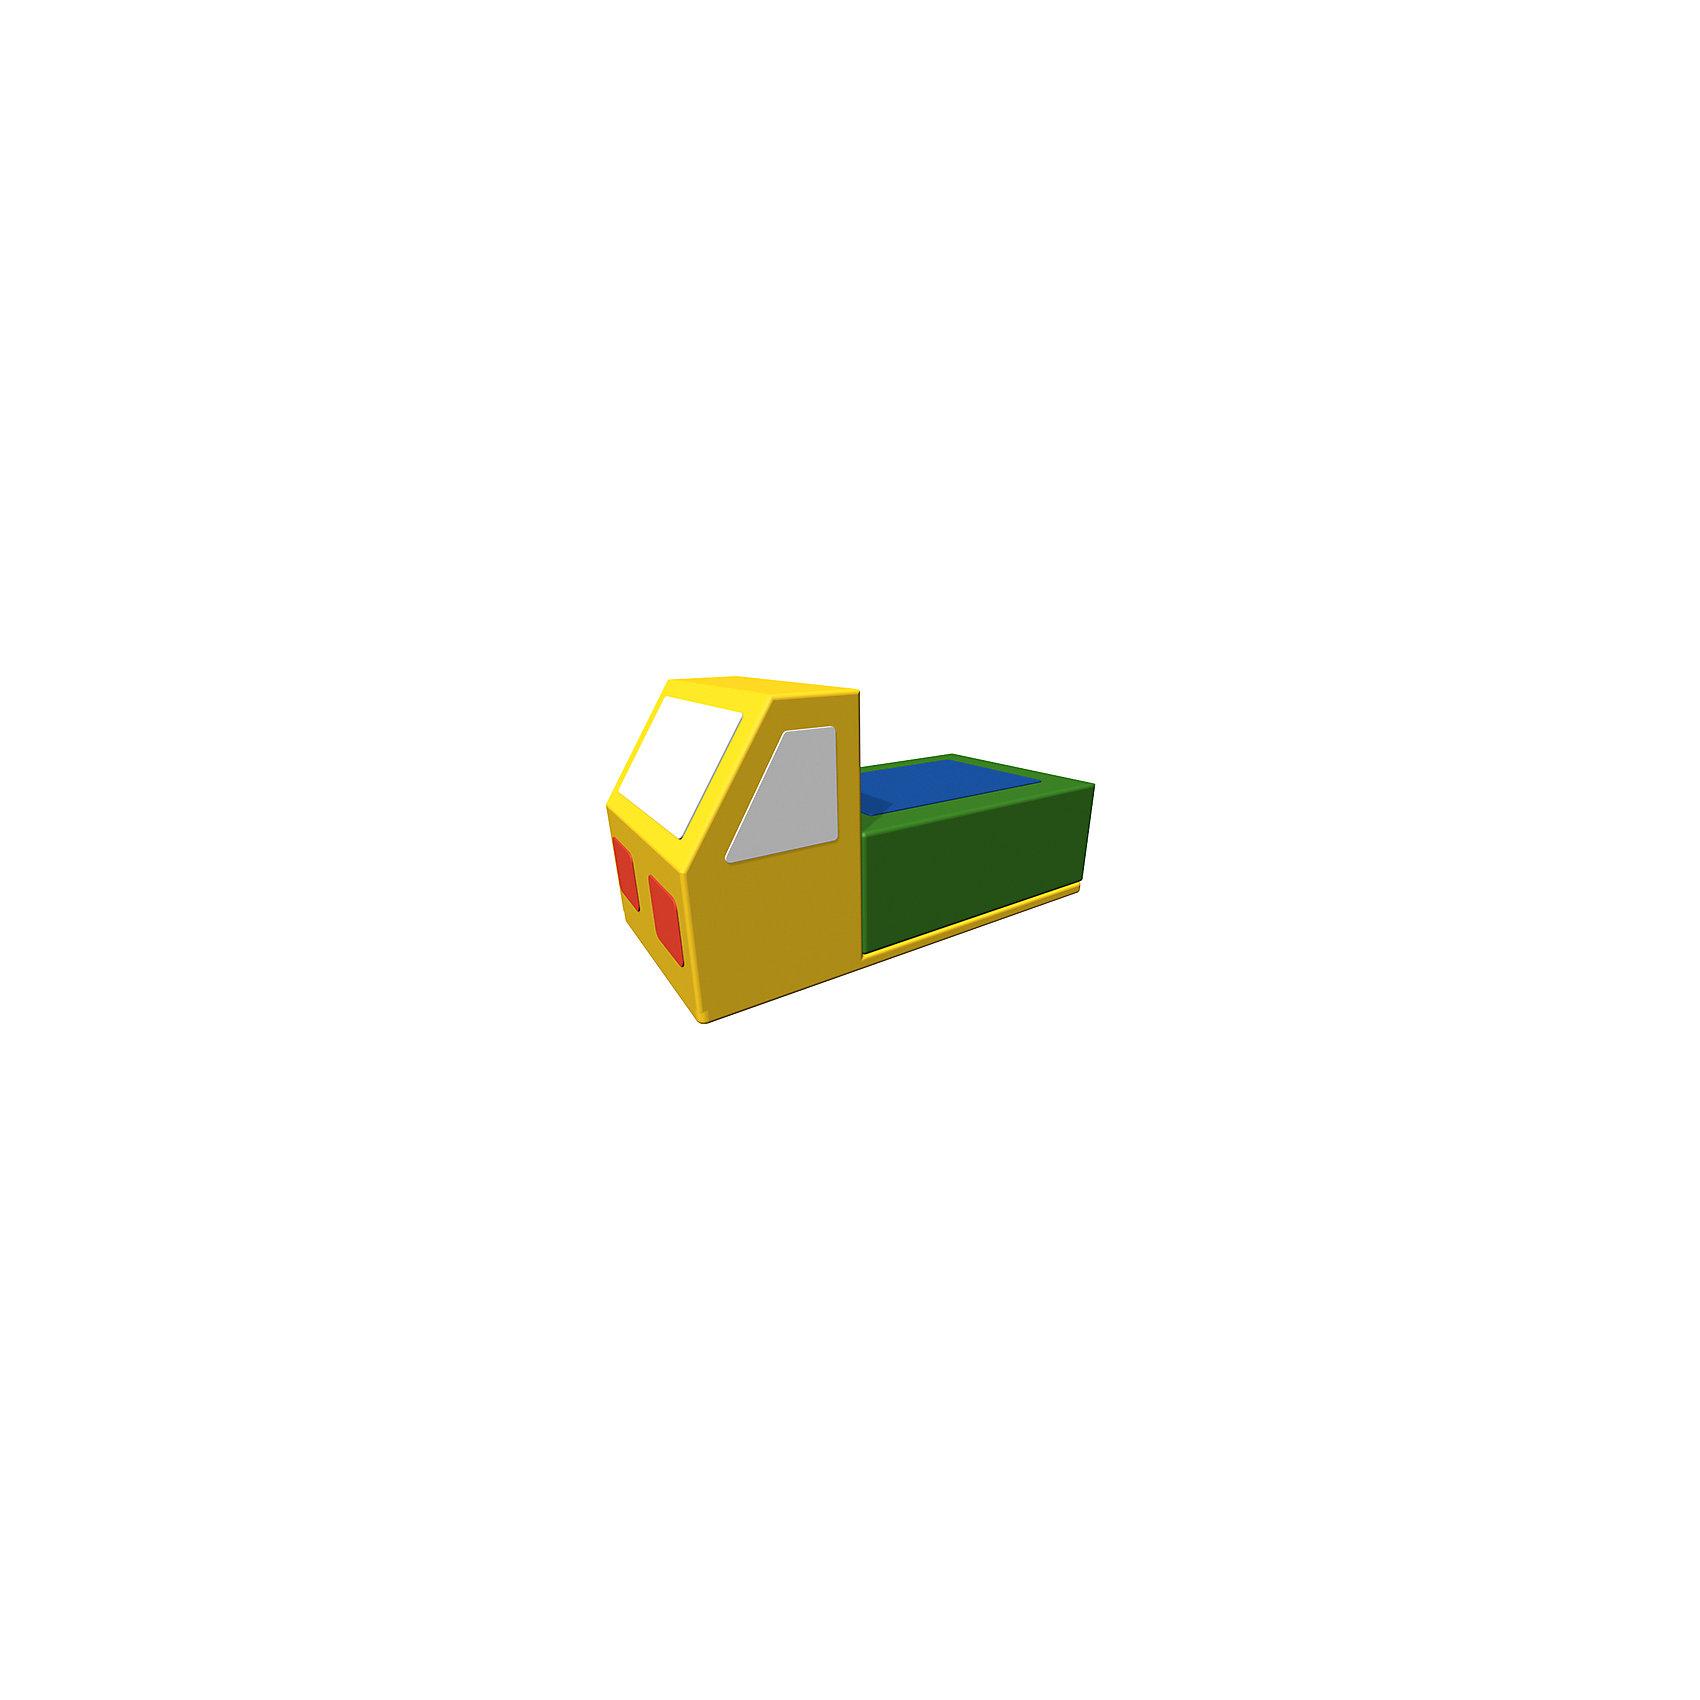 Игровая мебель Грузовик, ROMANAМебель<br>Мягкий комплекс – контурная Изделие в детскую комнату, который укрепляет мышцы спины и развивает равновесие. Форма «грузовик» понравится всем мальчикам. Полное отсутствие острых углов и твердых поверхностей позволит детям использовать игрушку в своих играх и не получить травм или повреждений. Изделие подходит к другим модулям из серии. Развивает координацию, вестибулярный аппарат и ловкость. Материалы, использованные при изготовлении комплекса, абсолютно безопасны для детей и отвечают всем международным требованиям по качеству. <br><br>Дополнительная информация: <br><br>цвет: разноцветный;<br>размер: 60х30х30 см;<br>материал: поролон, винилискожа.<br><br>Мягкий комплекс «Грузовик»  для детей от компании ROMANA можно приобрести в нашем магазине.<br><br>Ширина мм: 600<br>Глубина мм: 250<br>Высота мм: 300<br>Вес г: 1500<br>Возраст от месяцев: 36<br>Возраст до месяцев: 120<br>Пол: Унисекс<br>Возраст: Детский<br>SKU: 4993342